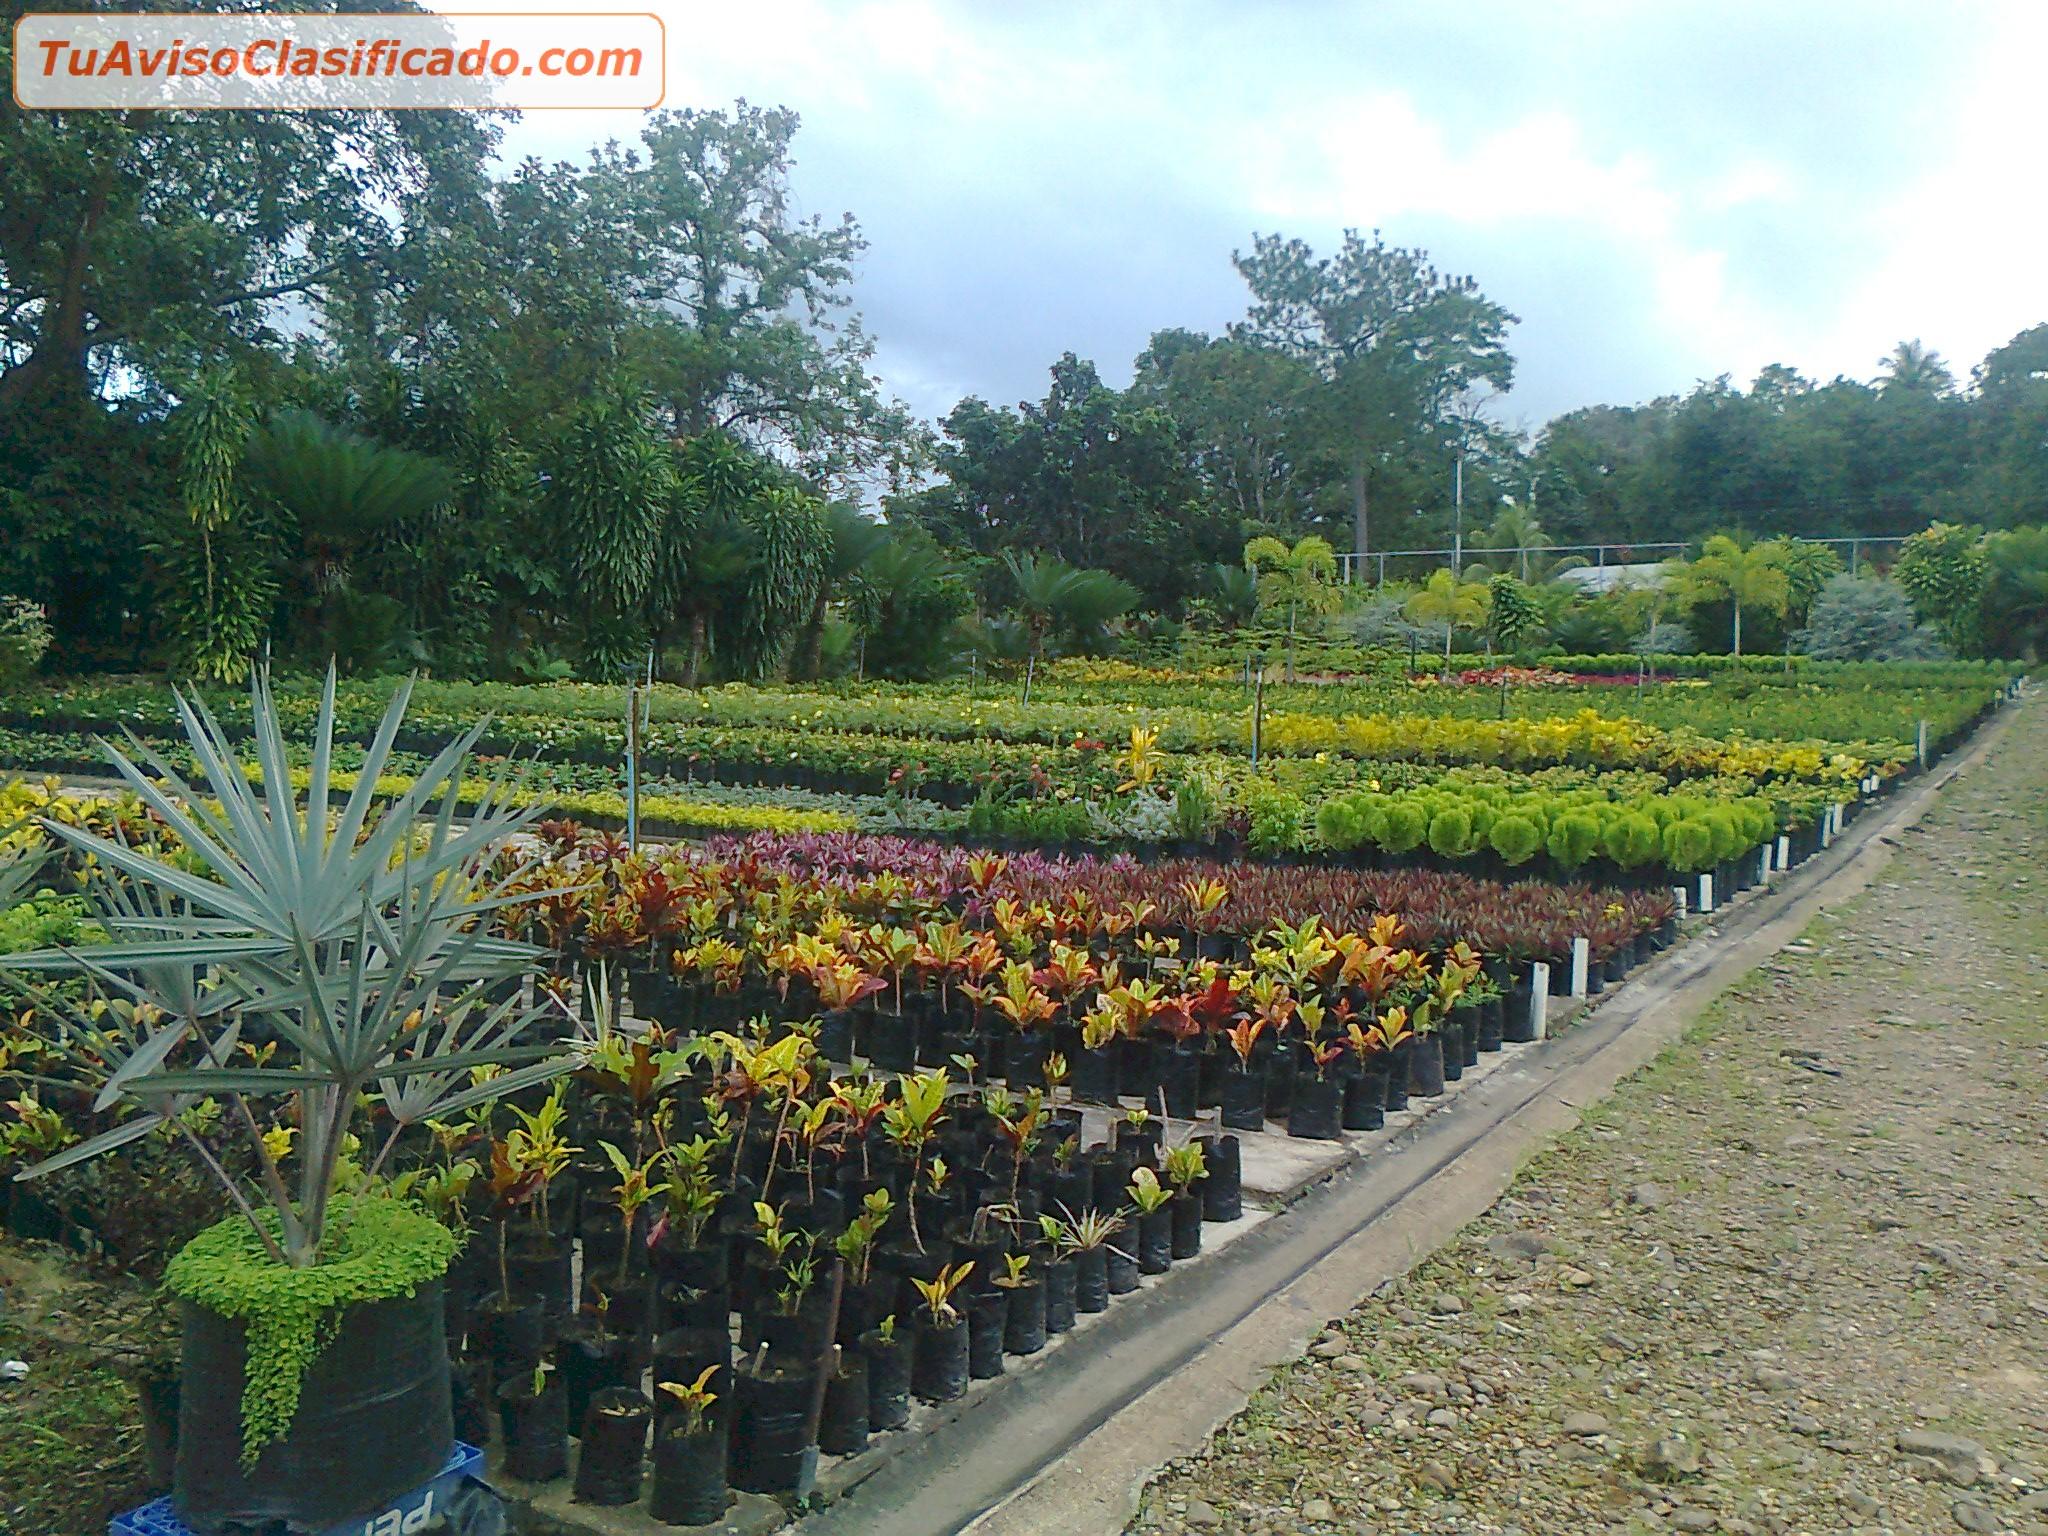 Vivero y proyectos de jardineria y ornatos jard n y for Proyecto productivo de vivero forestal